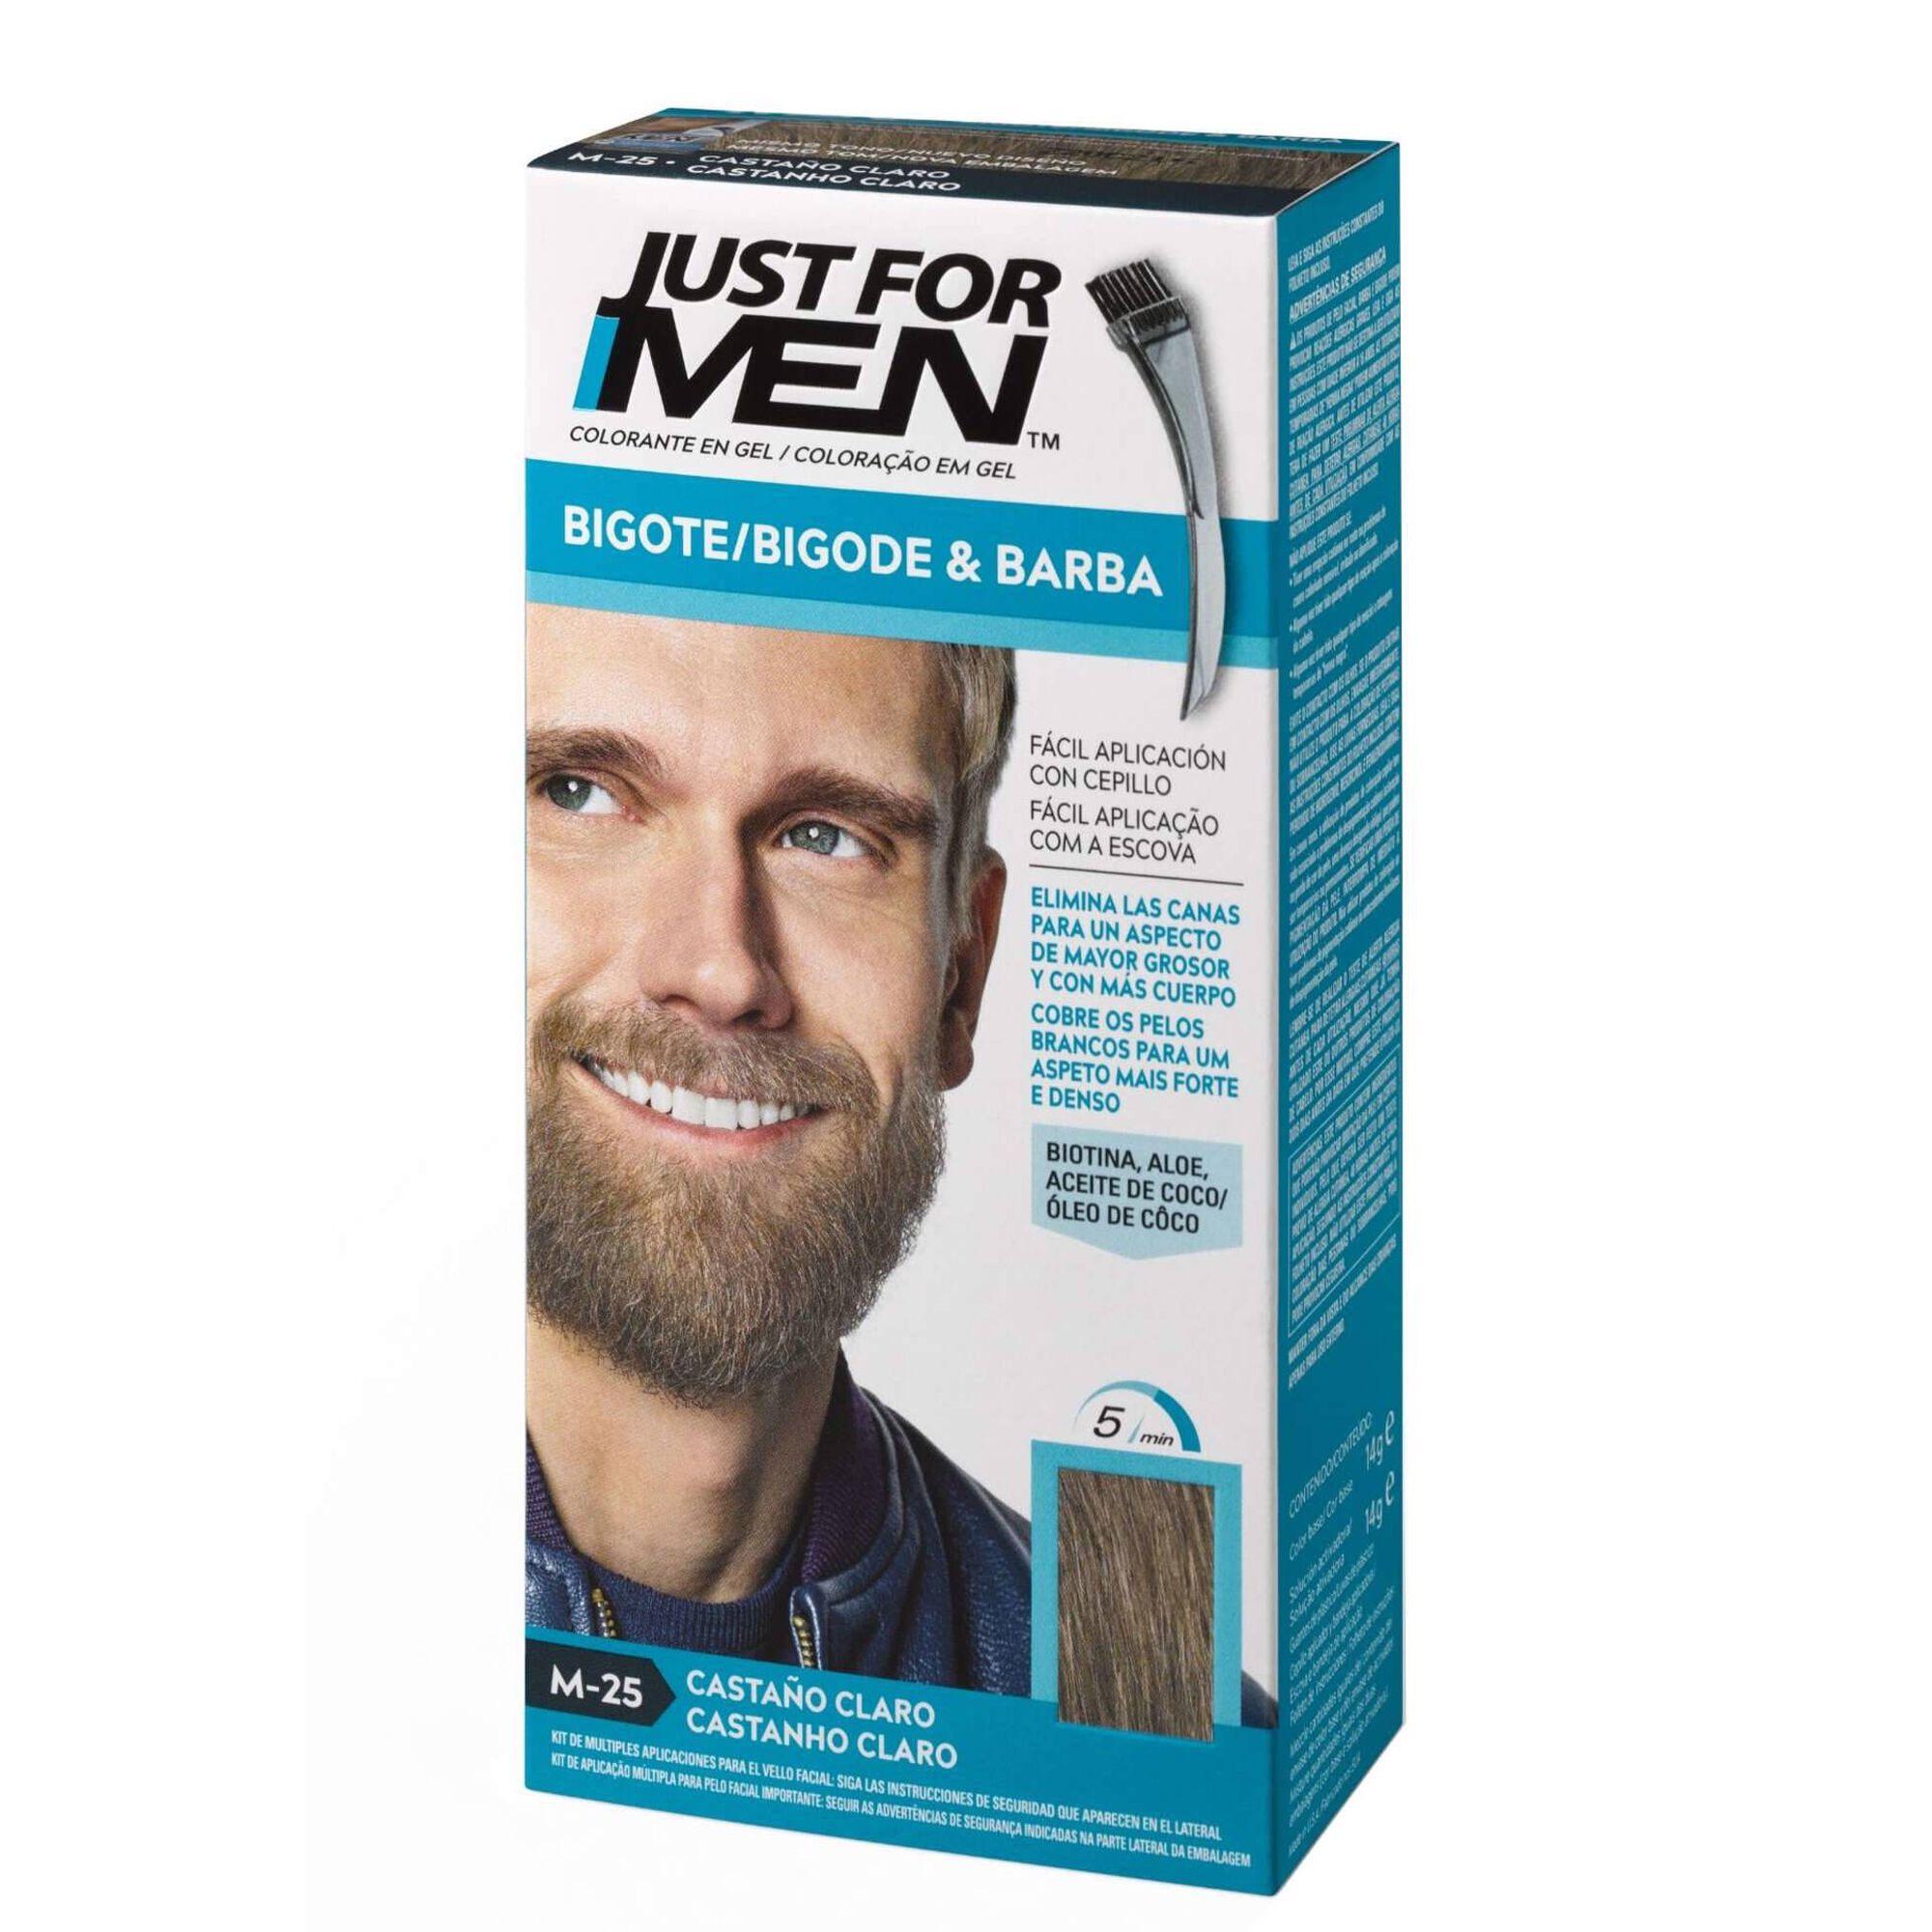 Coloração Homem Temporária para Barba Castanho Claro